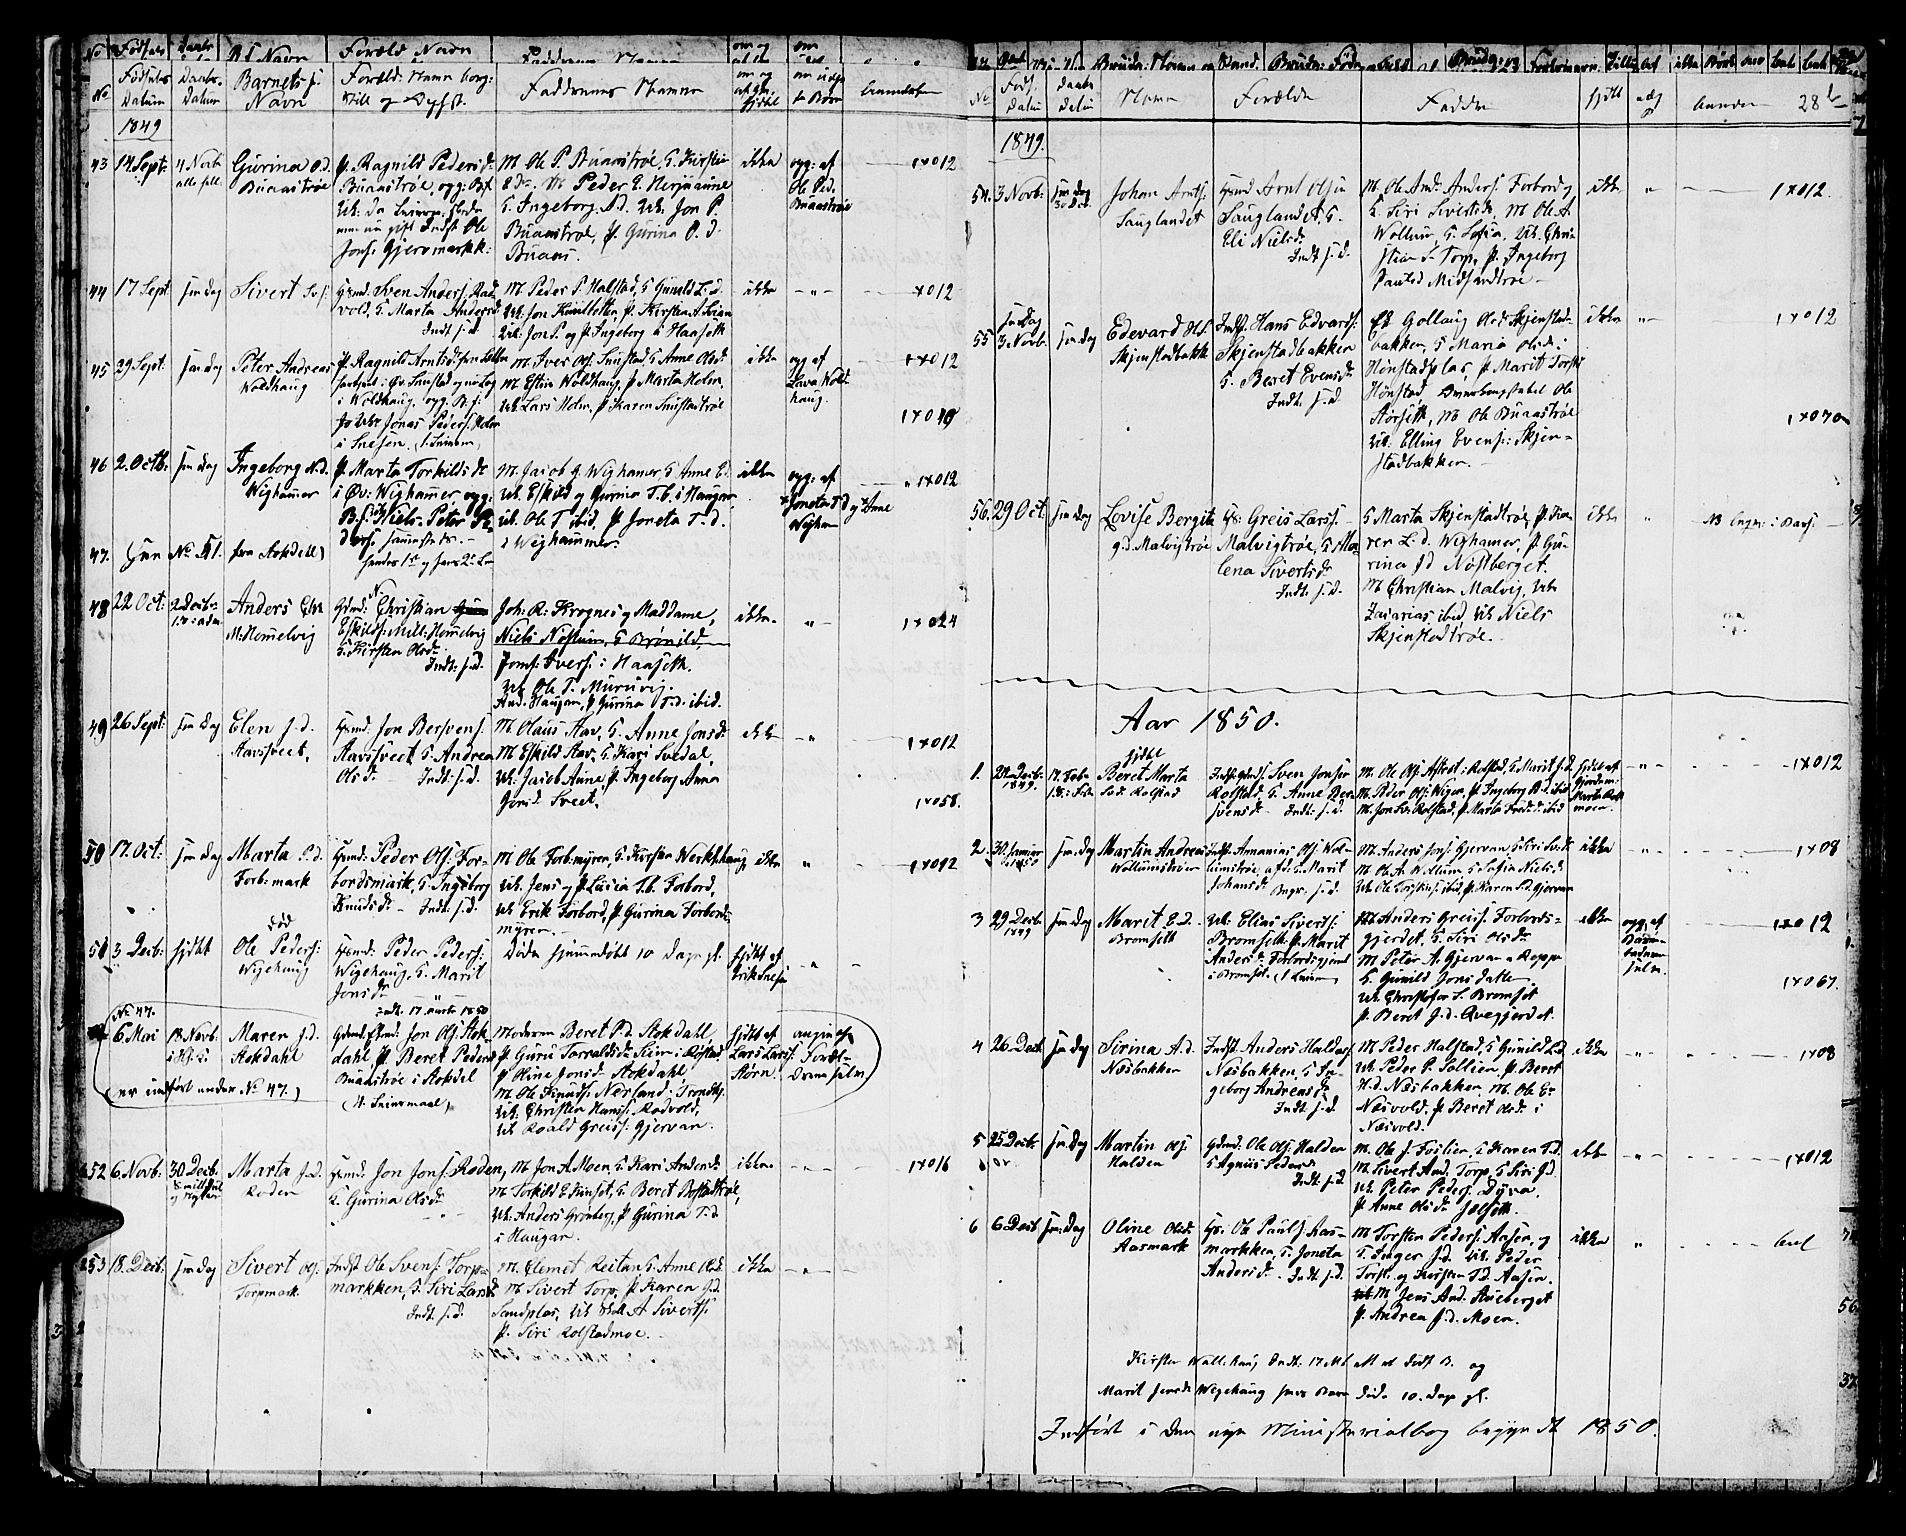 SAT, Ministerialprotokoller, klokkerbøker og fødselsregistre - Sør-Trøndelag, 616/L0421: Klokkerbok nr. 616C04, 1834-1850, s. 28c